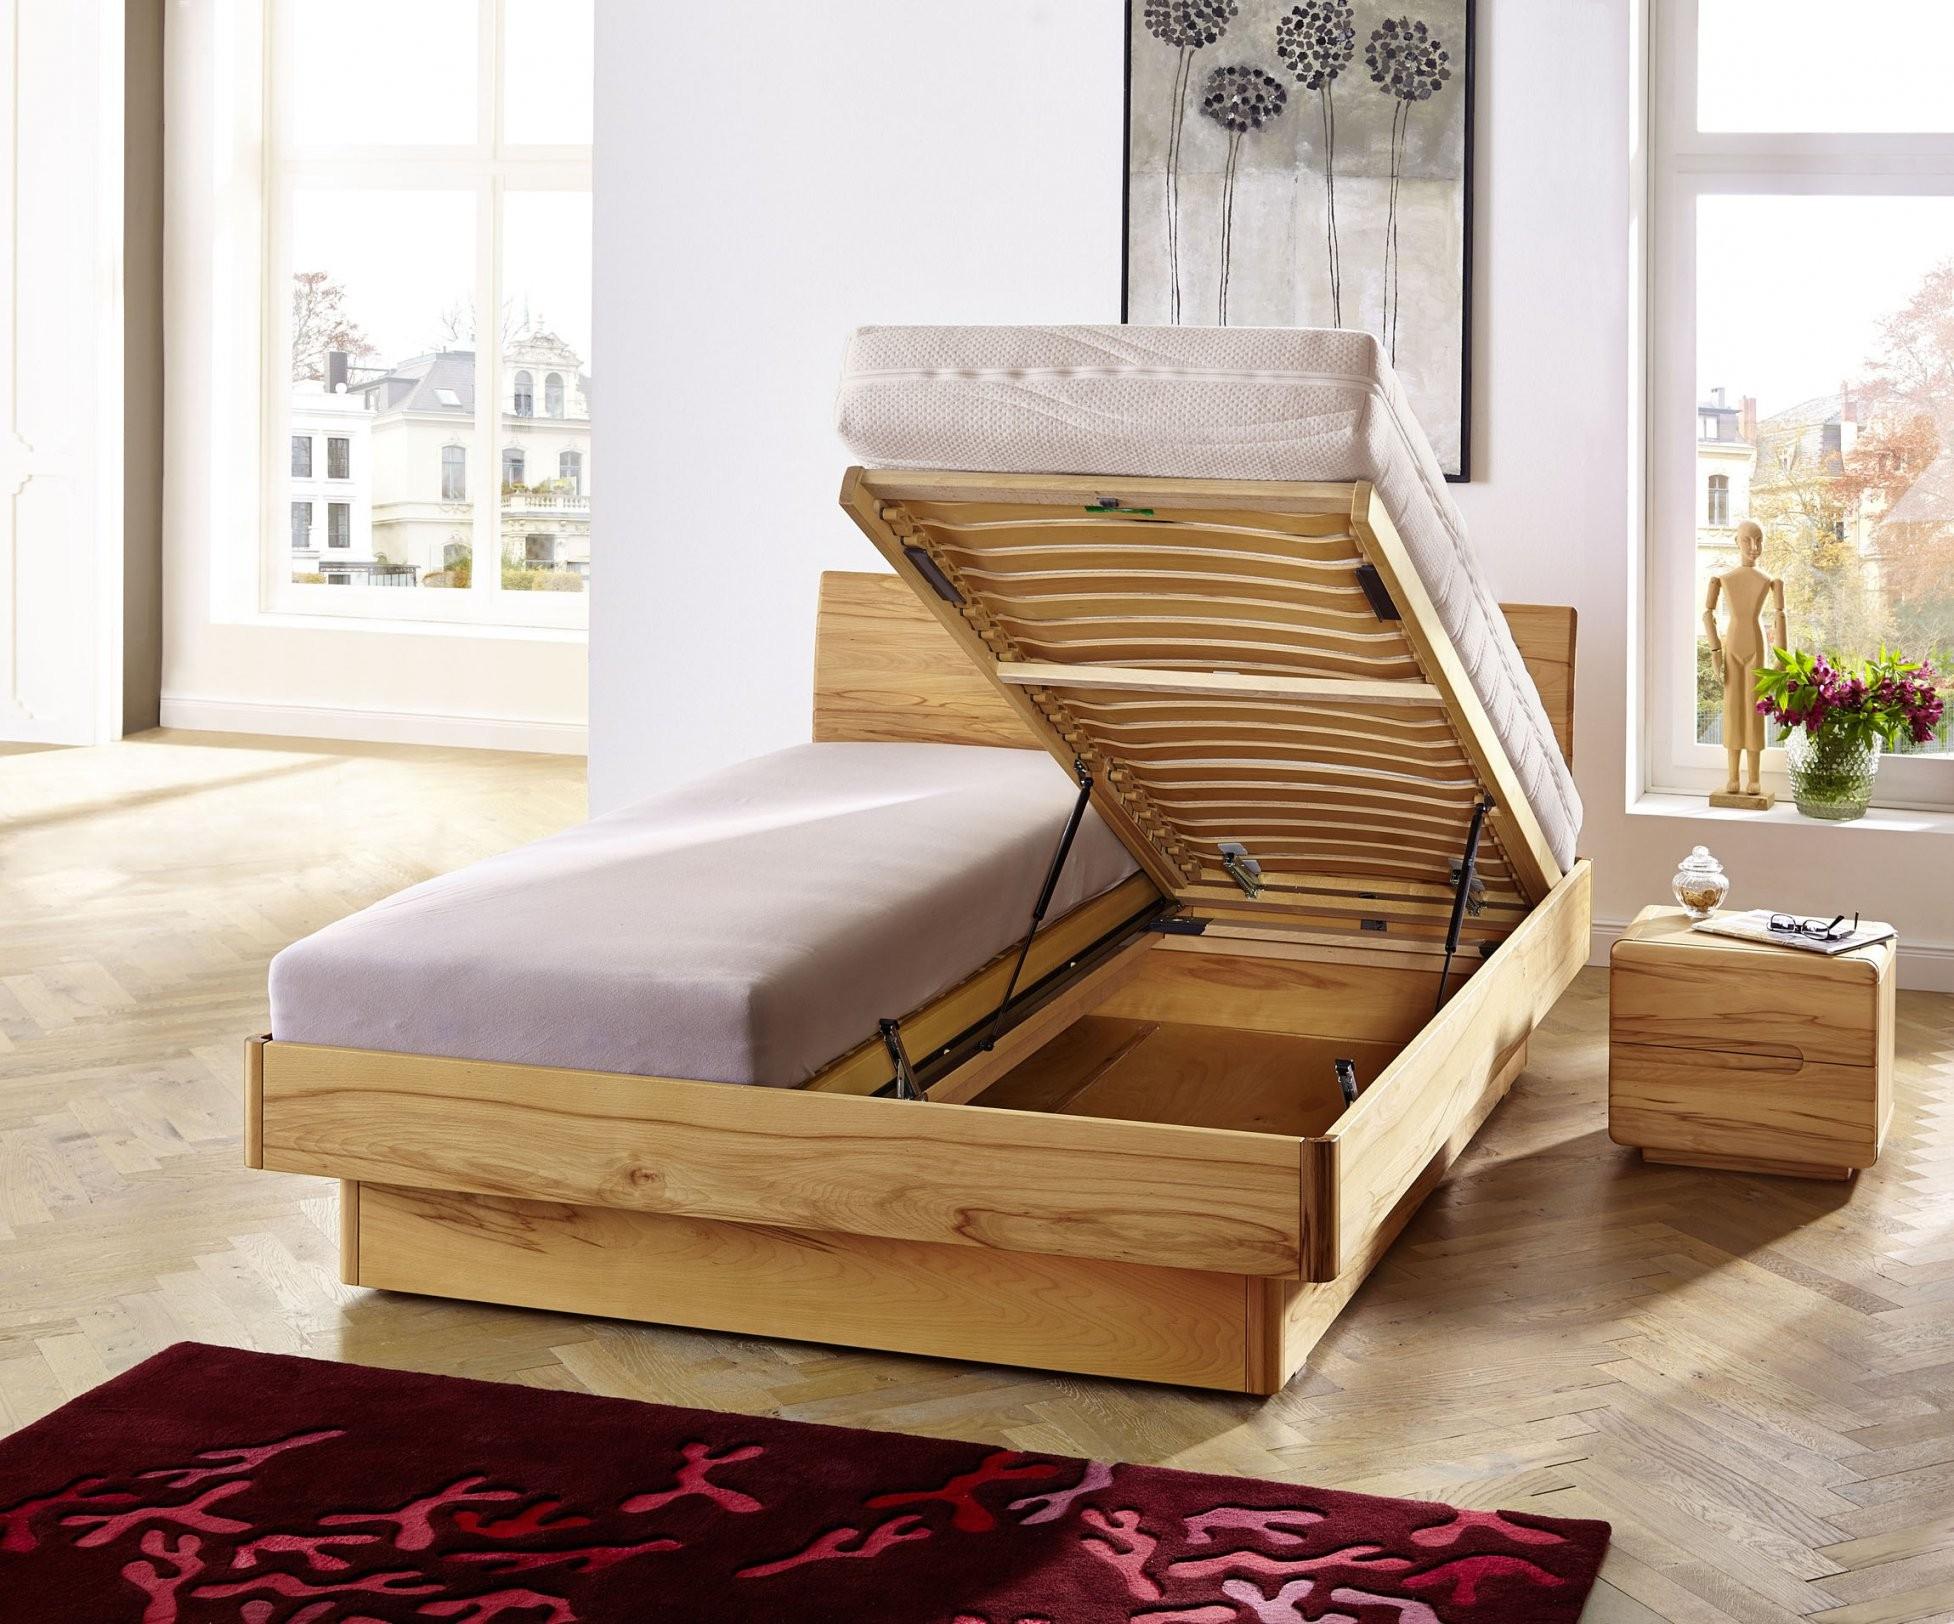 Bett Mit Bettkasten  Stauraumbett Mané  Betten Leipzig von Französische Betten Mit Bettkasten Bild